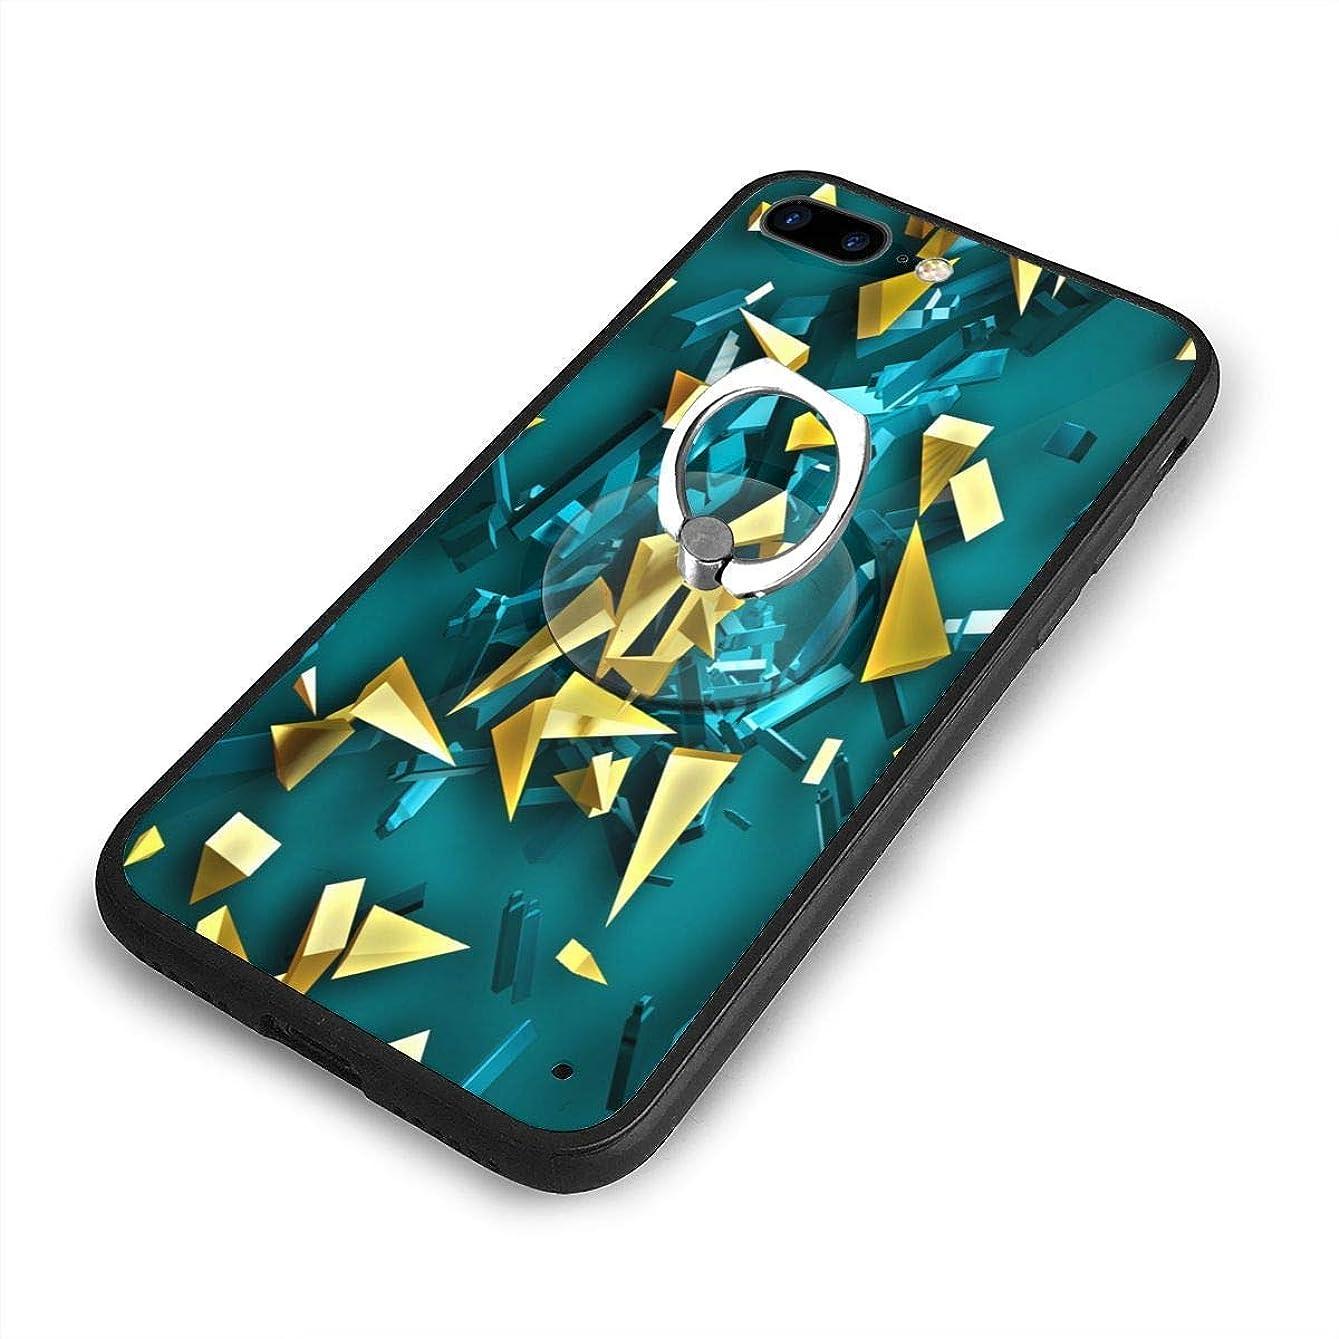 広いフィッティング指定菱形抽象iPhone 7/8 Plusケースリングブラケット 携帯カバー 創意デザイン軽量 傷つけ防止 360°回転ブラケット 携帯ケース PC 衝撃防止 全面保護